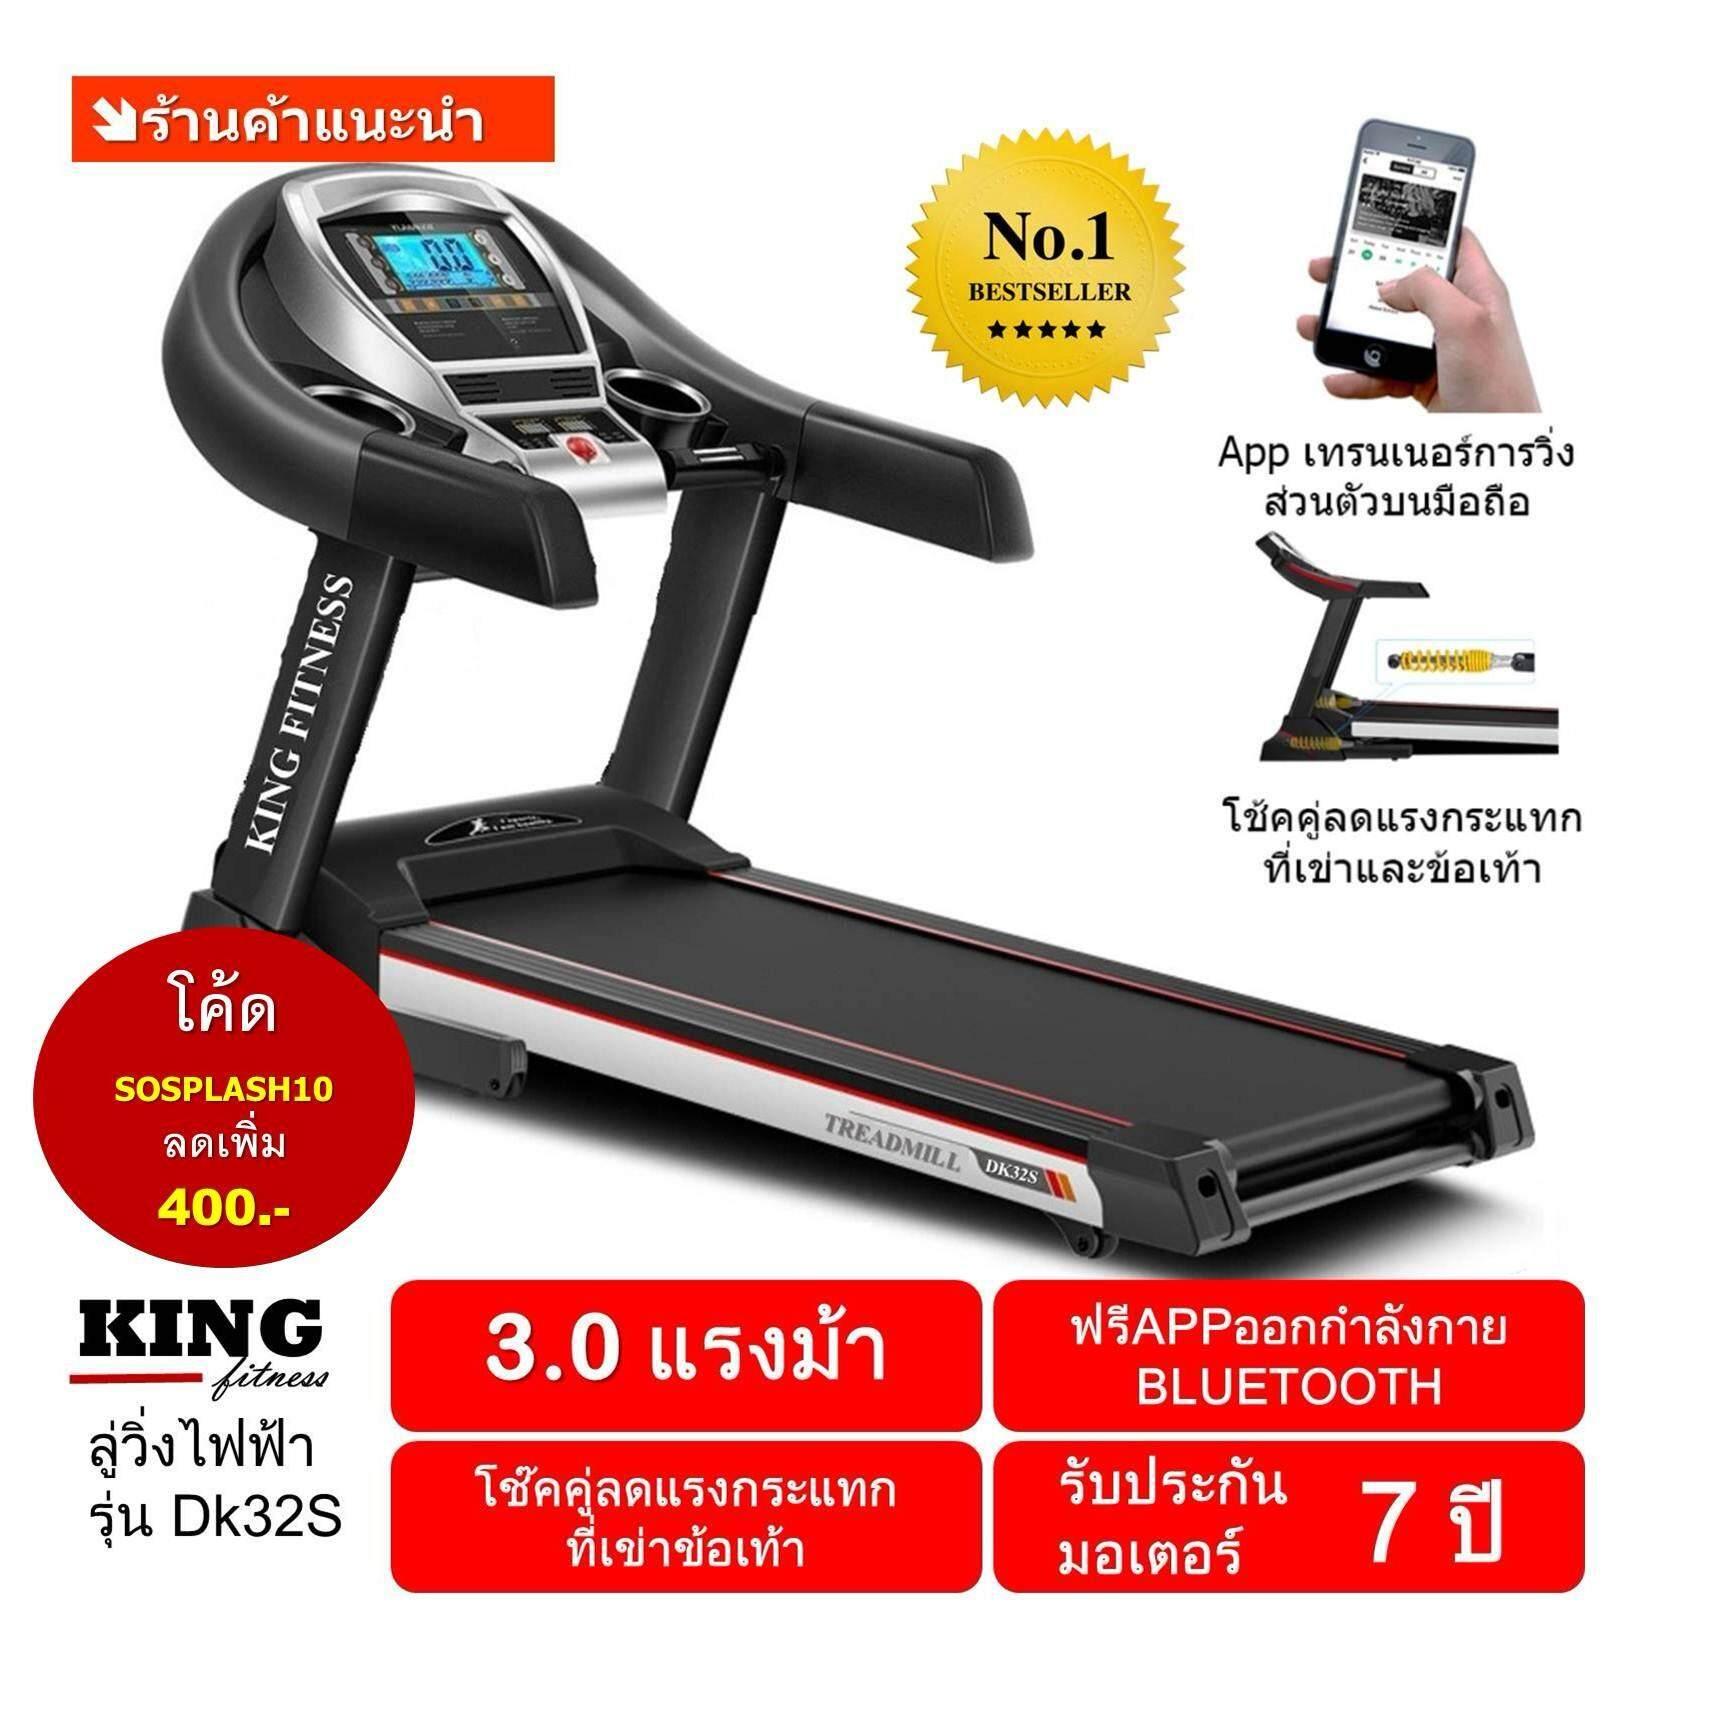 ราคา ลู่วิ่งไฟฟ้า 3 0แรงม้า พร้อมระบบโช๊คคู่ รุ่นKf Dk32S ช่วยซับแรงกระแทก New เชื่อมต่อ Bluetooth Kf Fit